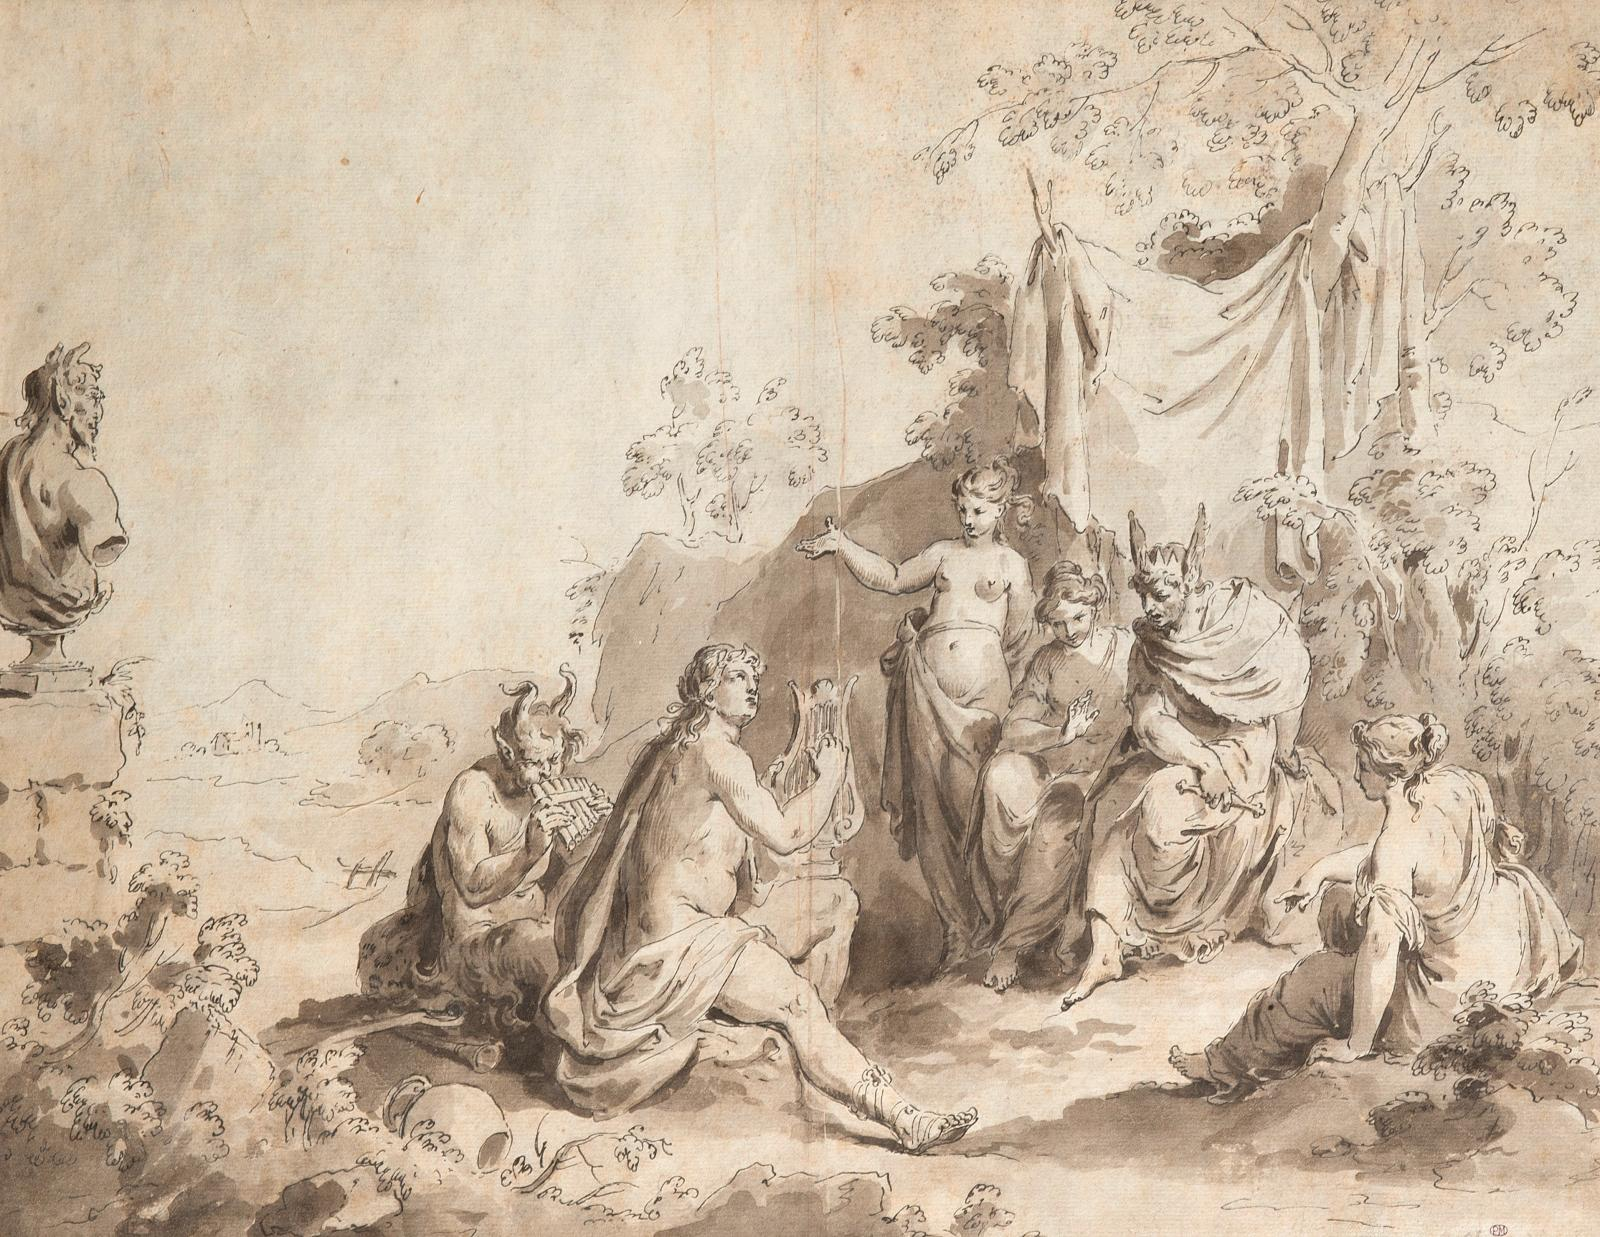 Pietro Antonio Novelli (1729-1804), Le Jugement de Midas, plume et encre noire, lavis gris, 27,6x38,6cm, détail. Estimation: 2000/3000€